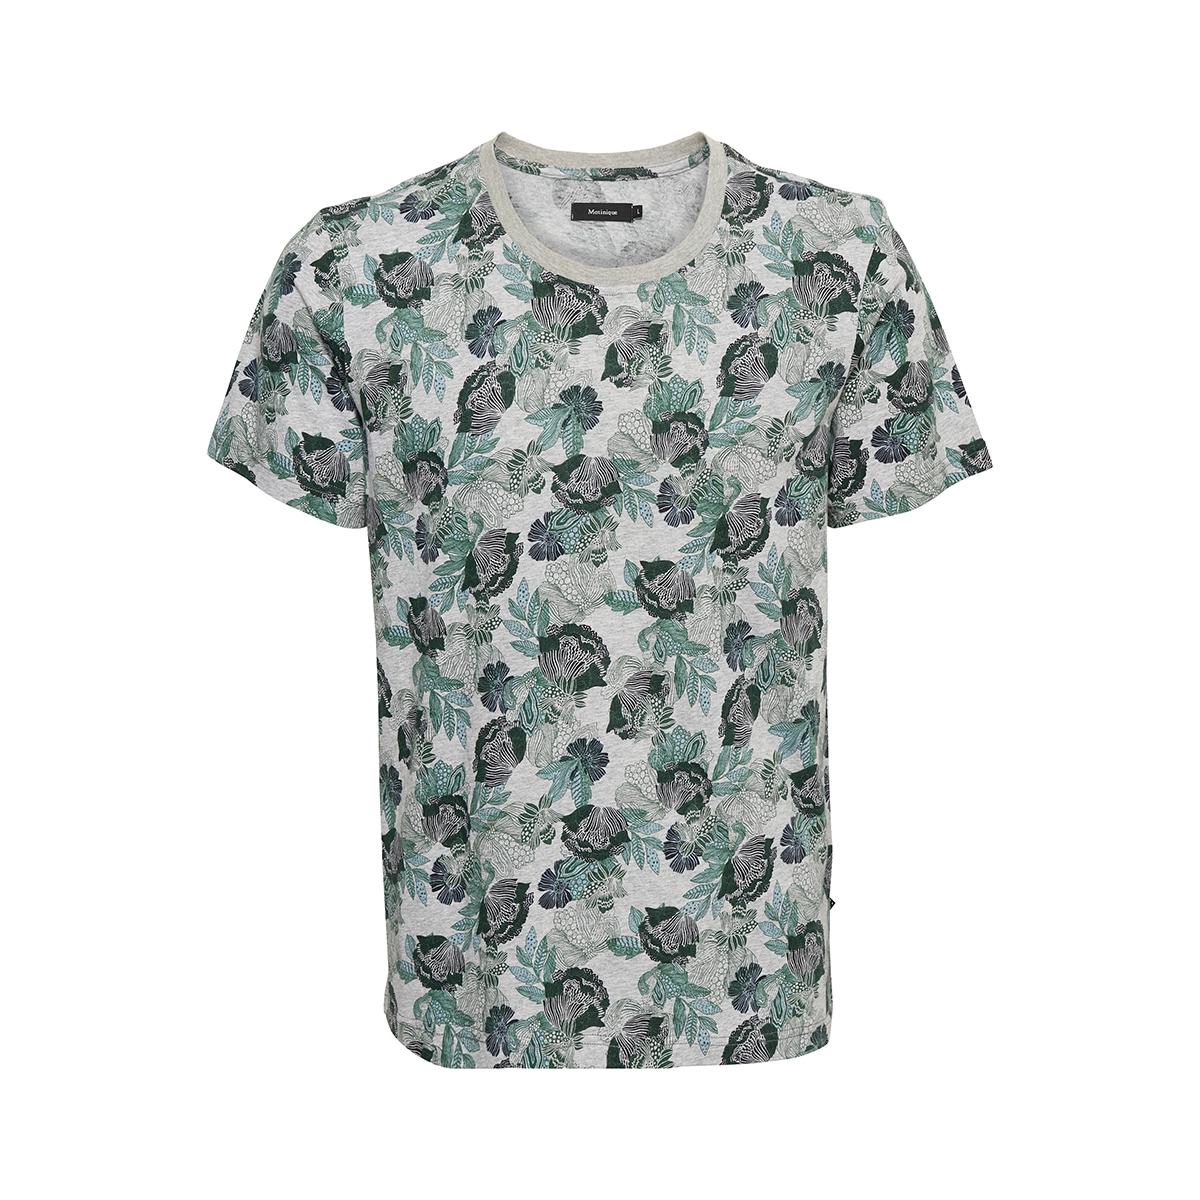 30203557 jerstan matinique t-shirt 29004